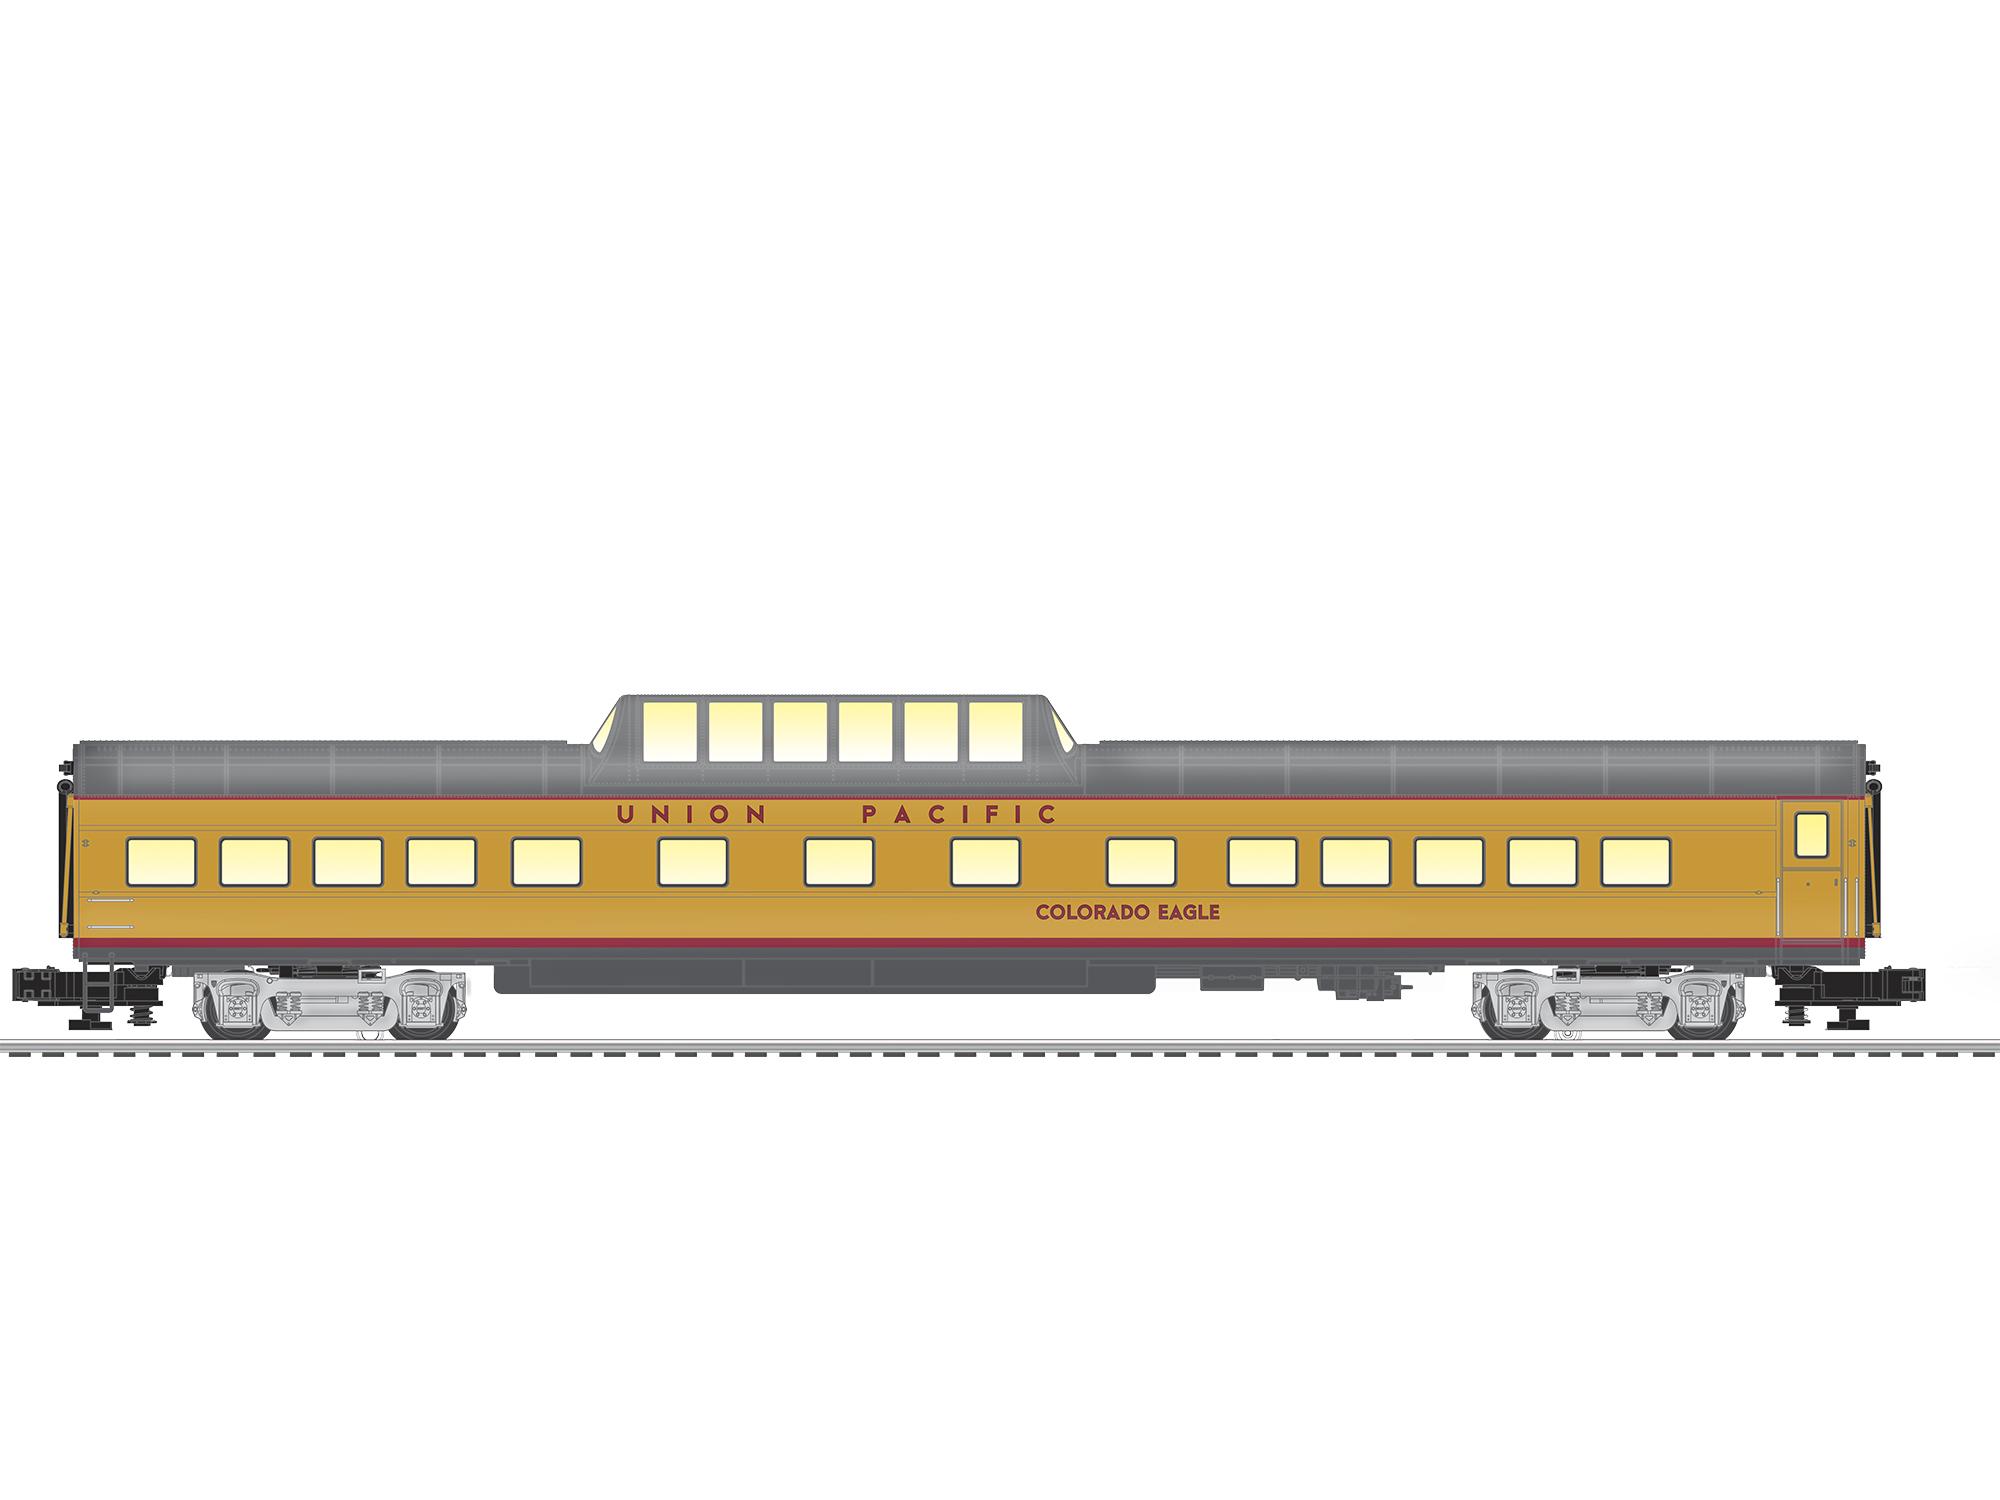 Lionel 2027260 O Vista Dome Car 3-Rail Union Pacific Colorado Eagle 434-2027260